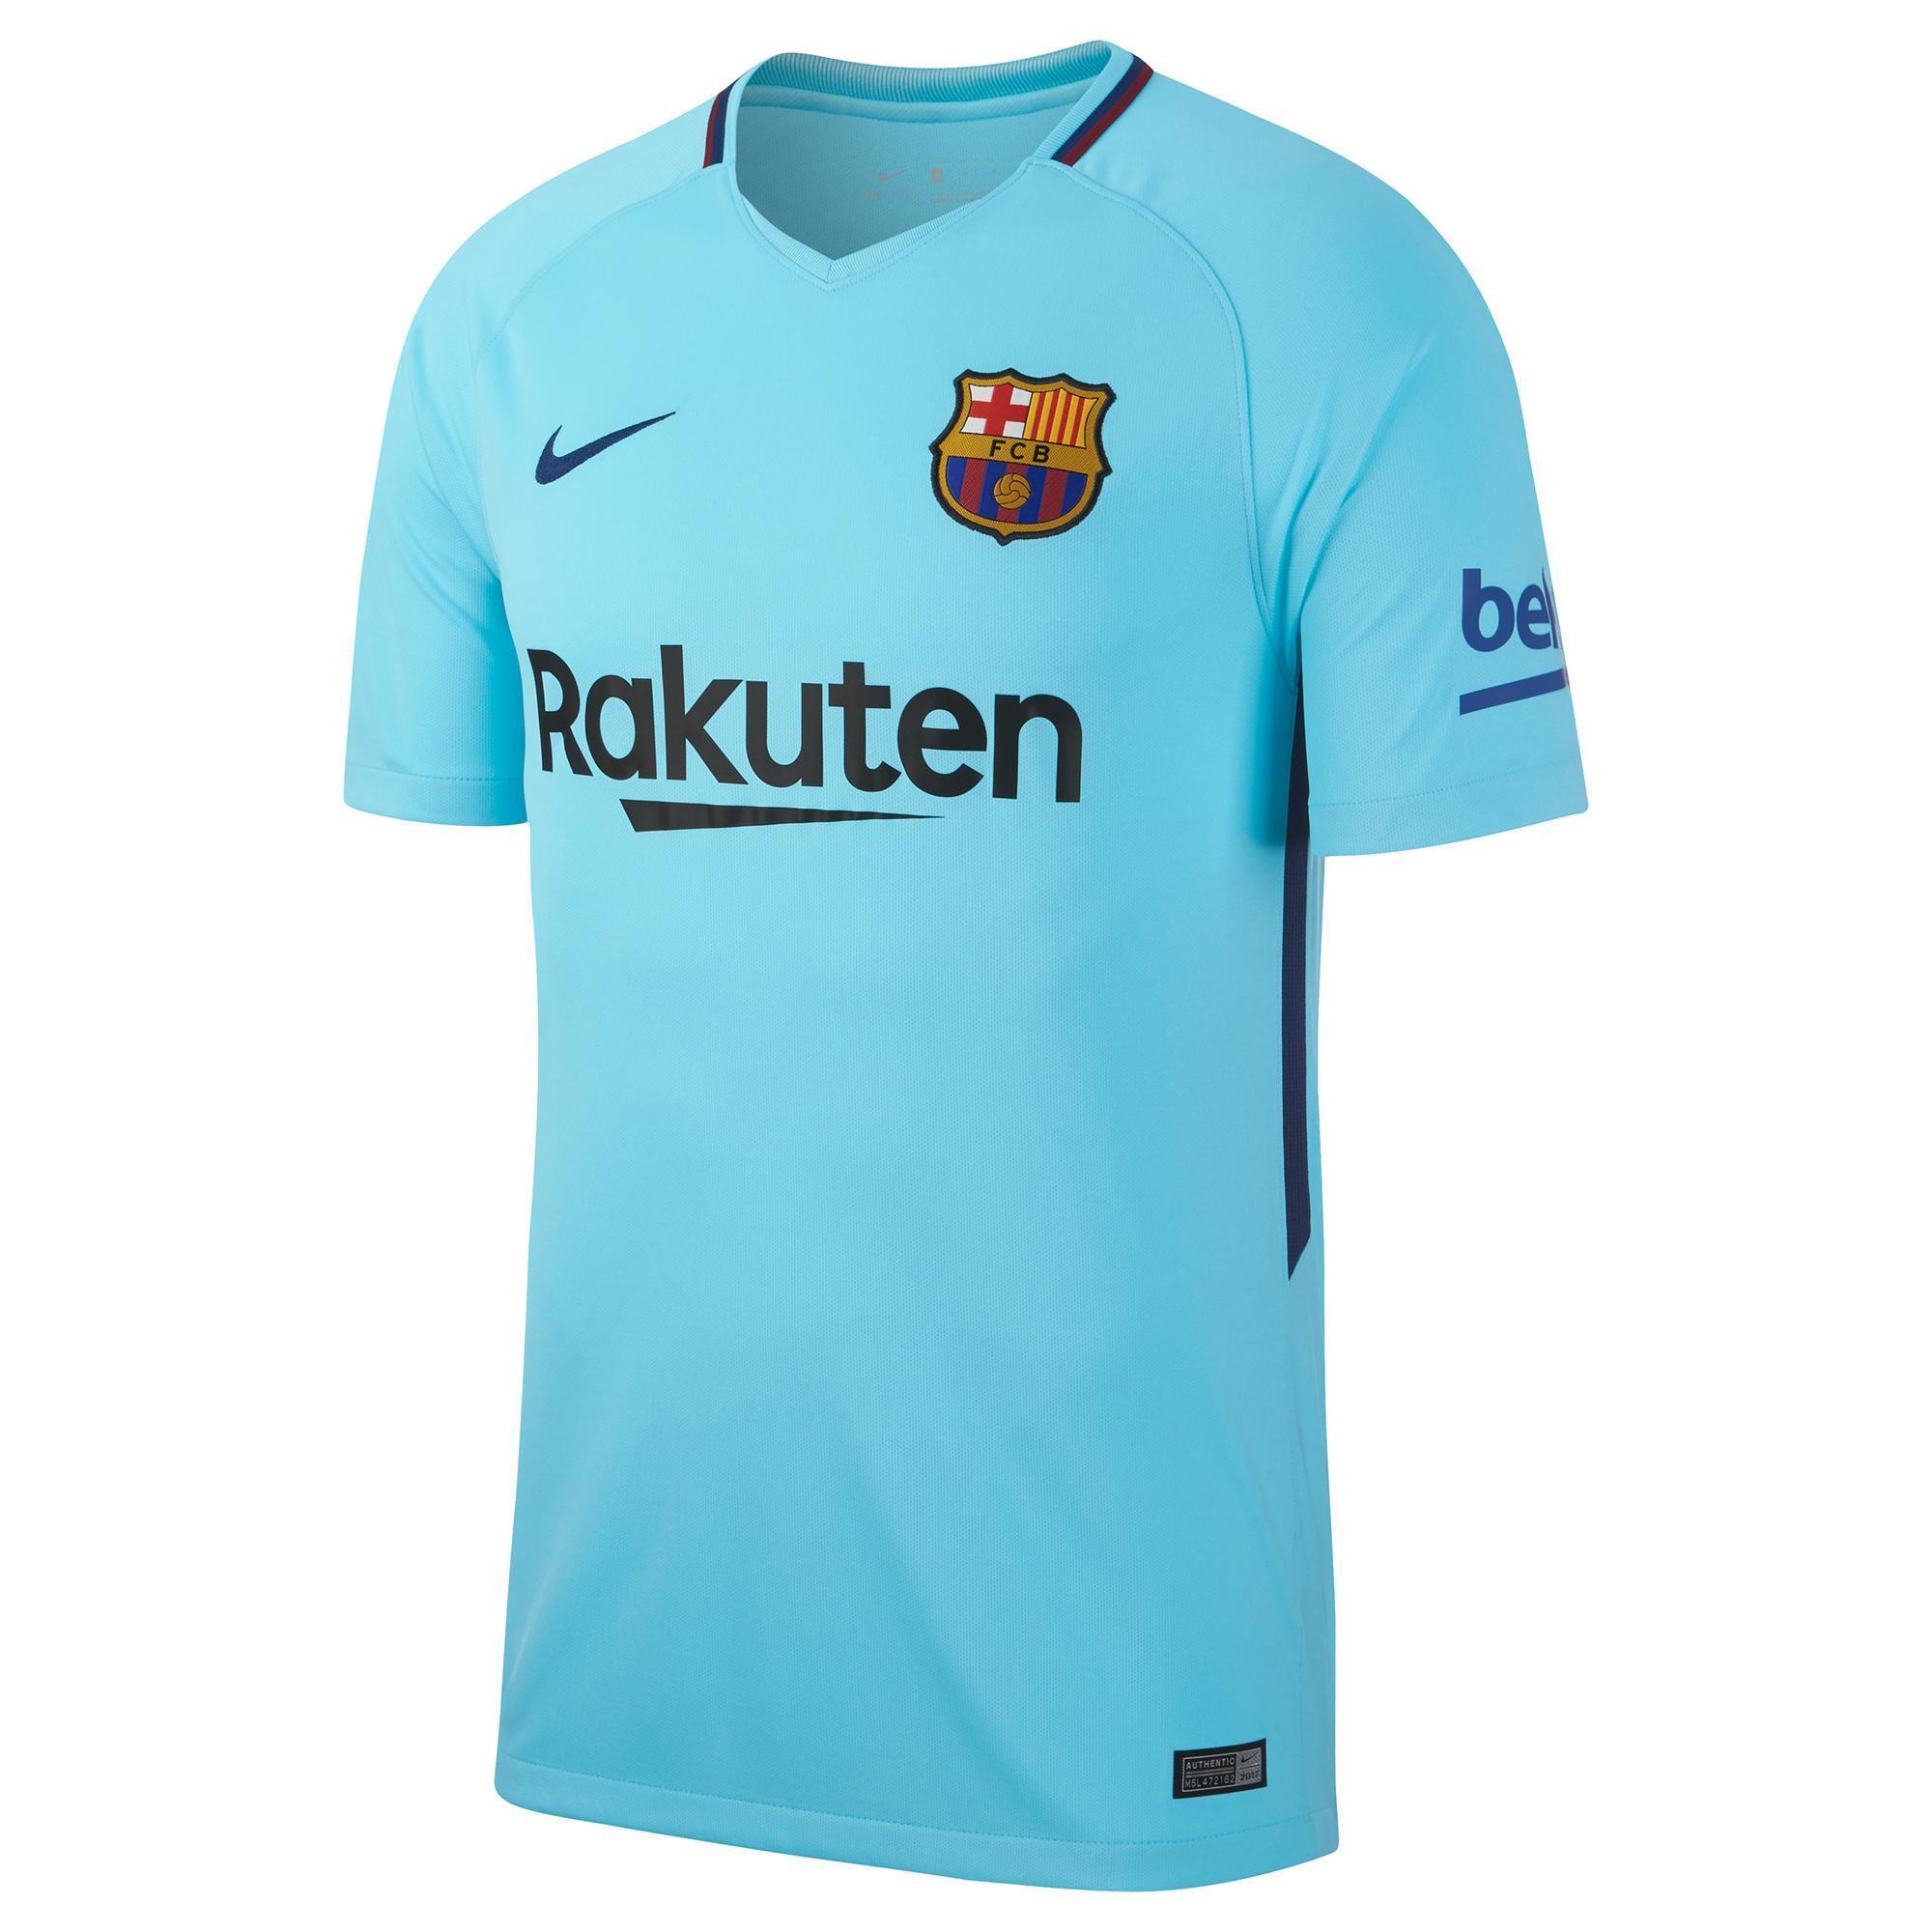 15b55804d4 Equipación y Camiseta Oficial F.C. Barcelona 18 19